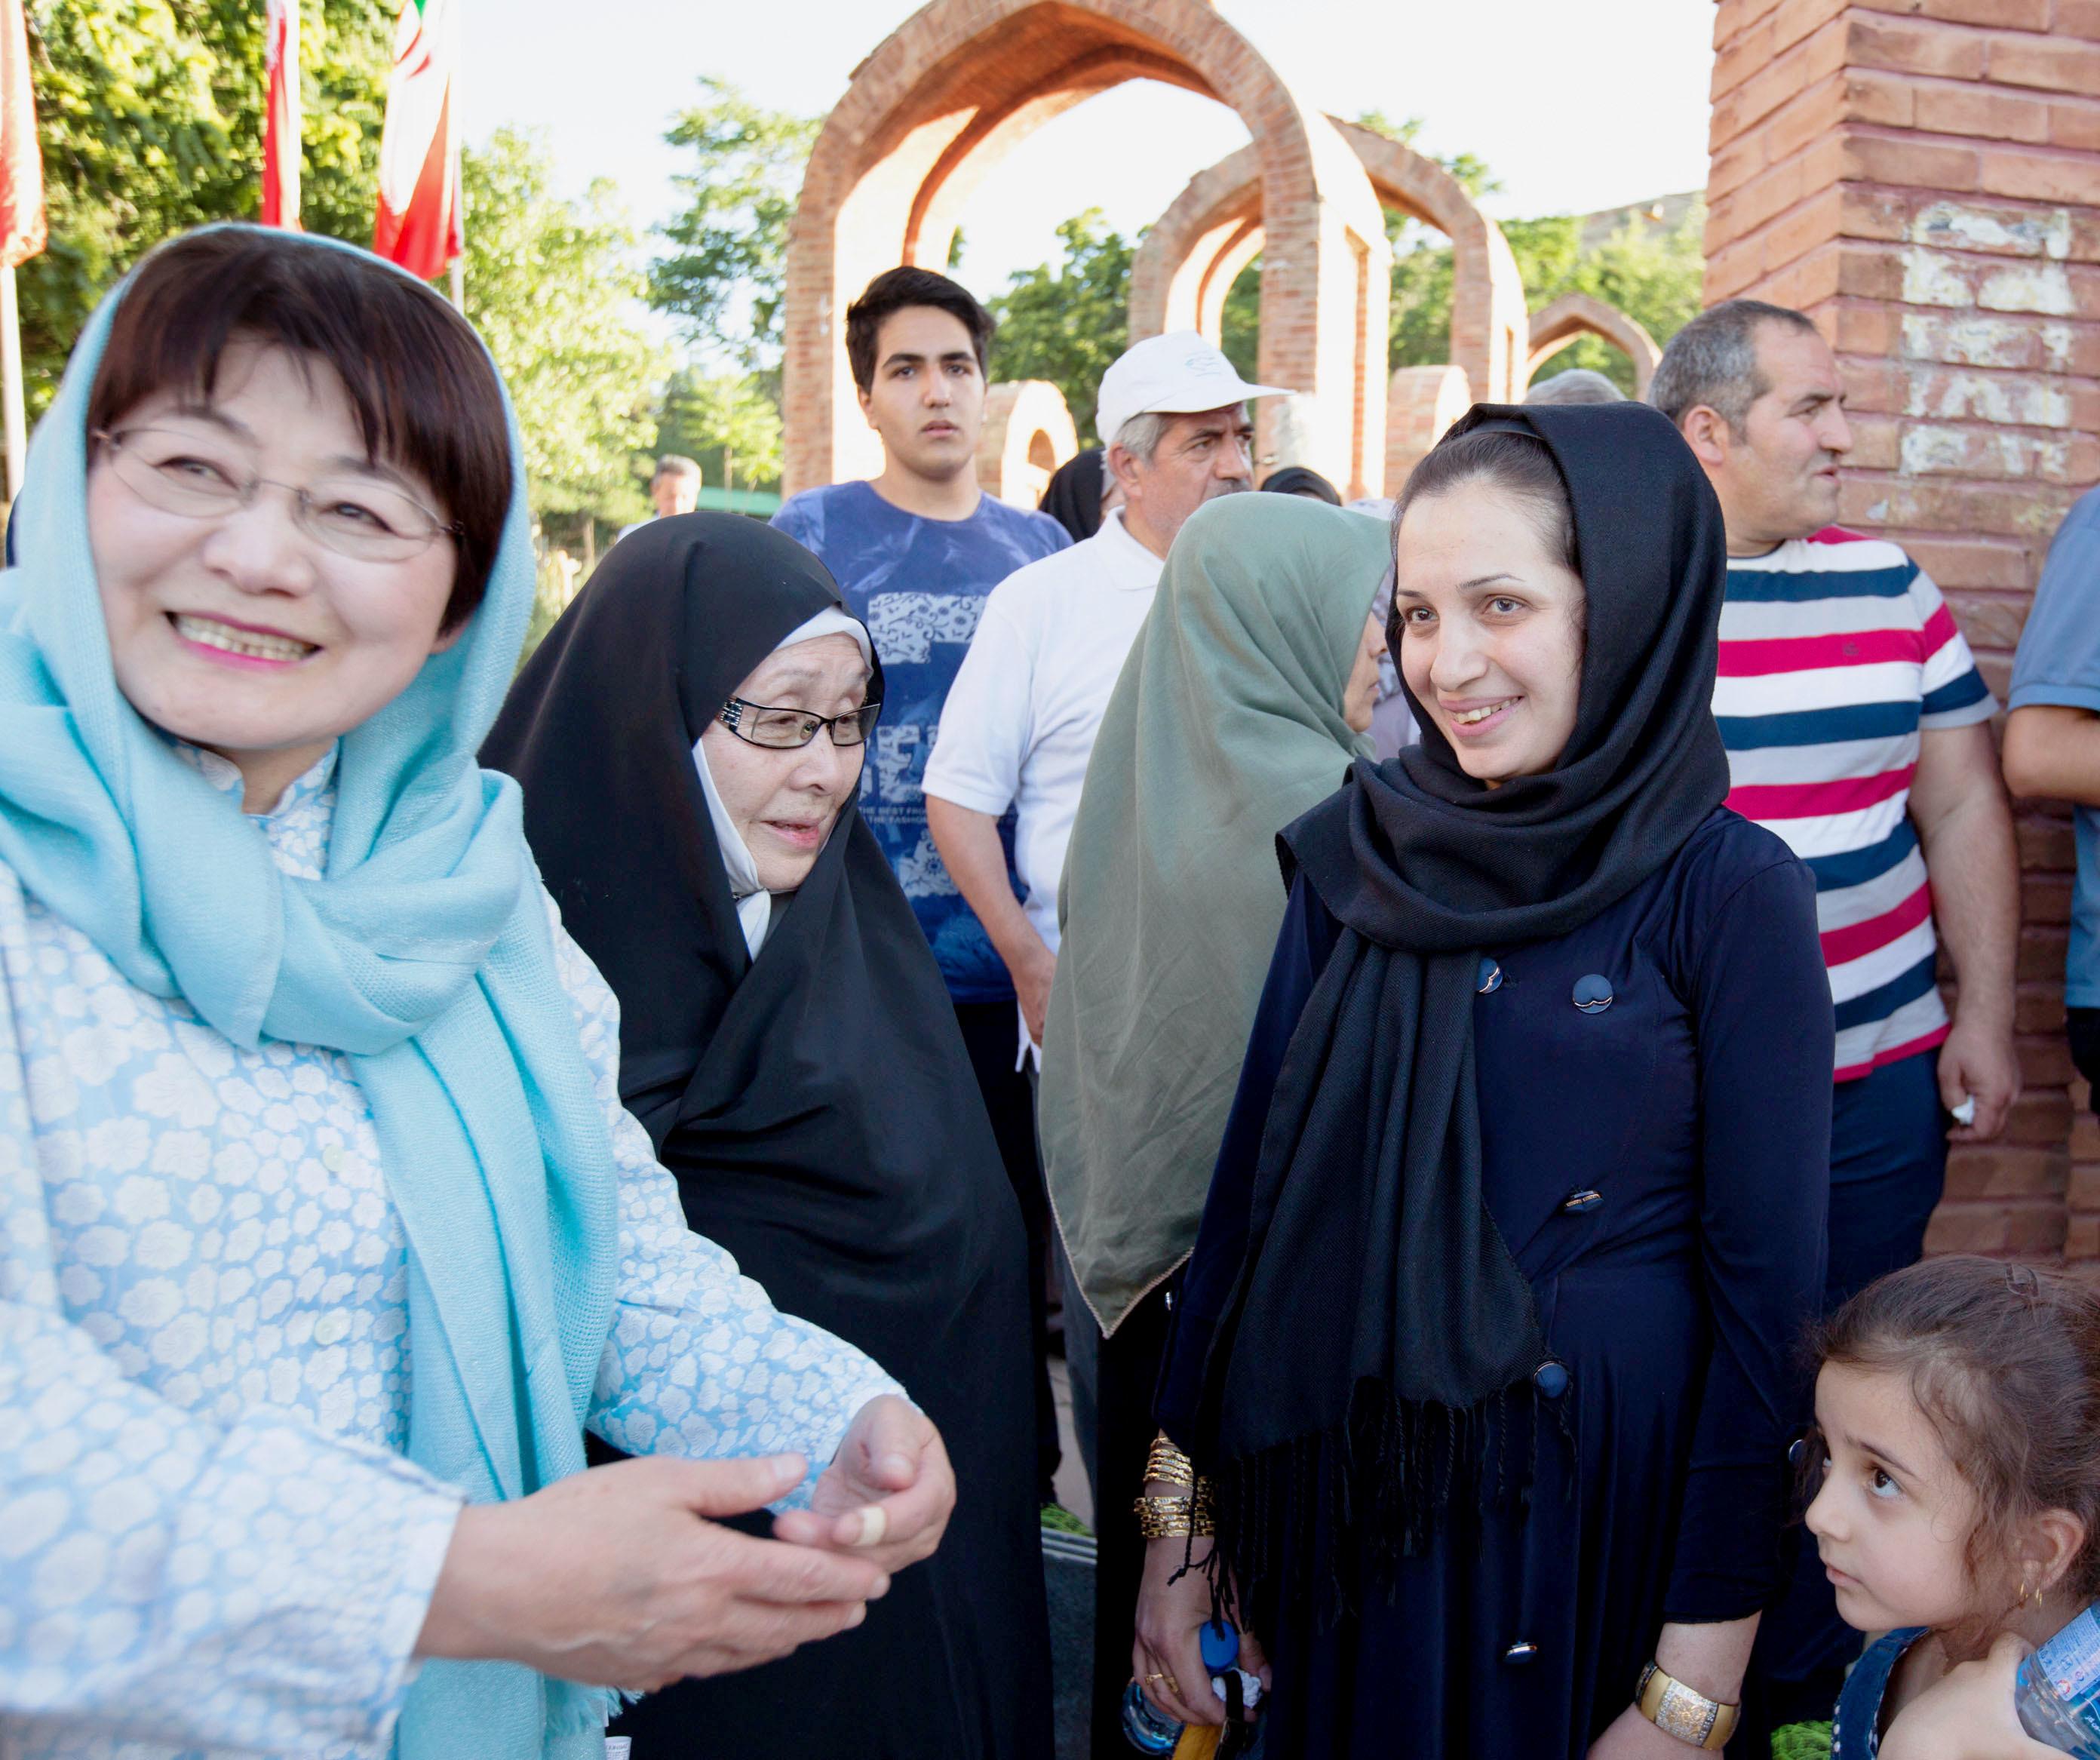 イラン北西部サルダシュトで催された化学兵器の犠牲者を追悼する式典で、津谷静子(手前左)と念願の再会を果たしたチマン・サイドプール(同右)。笑顔には涙も浮かんでいた(撮影・澤田博之、共同)